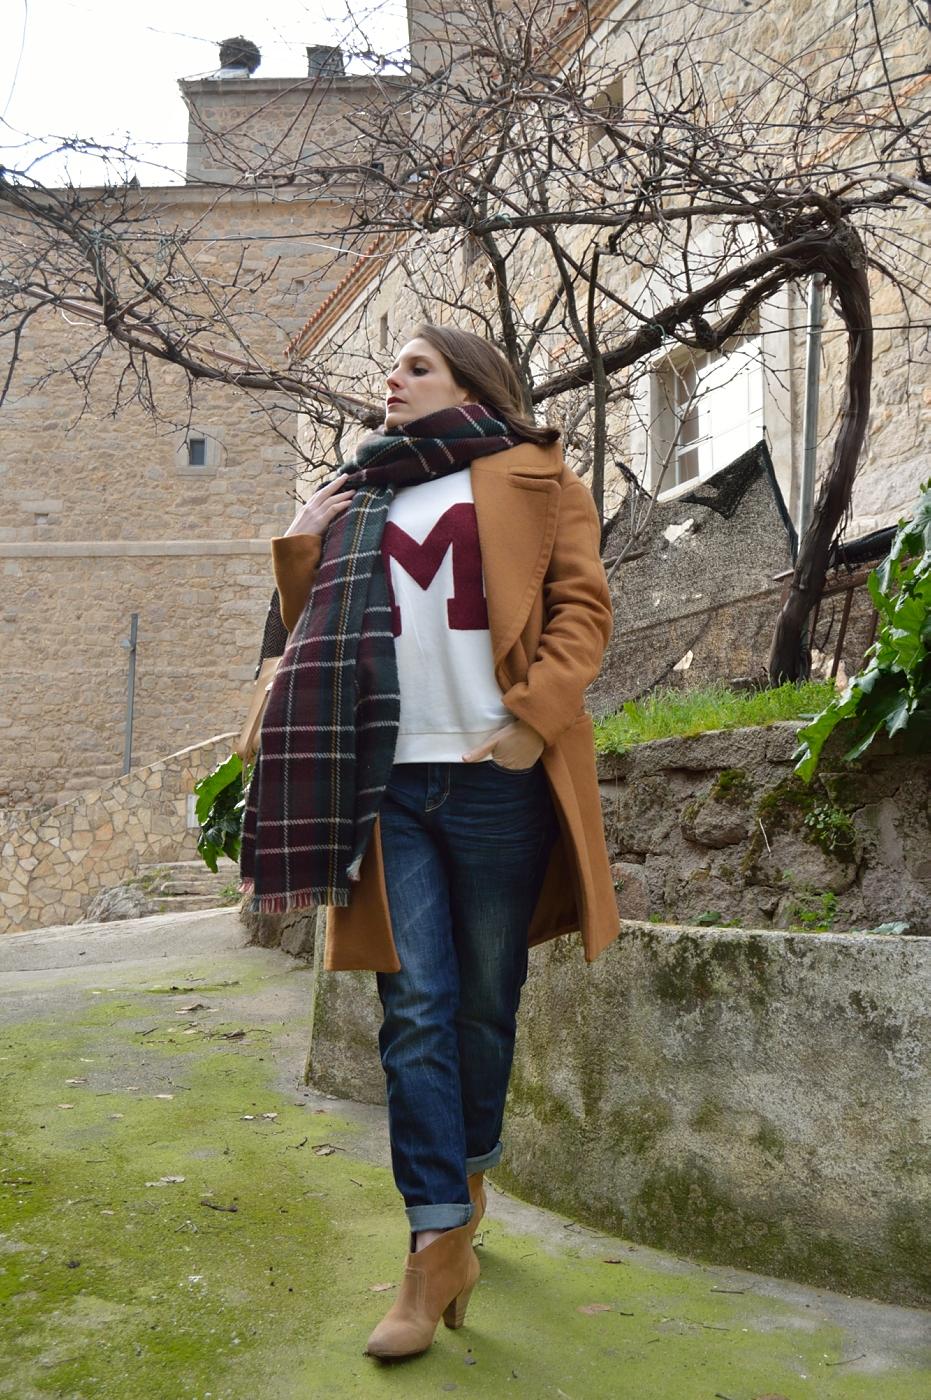 lara-vazquez-madlula-fashion-streetstyle-M-mood